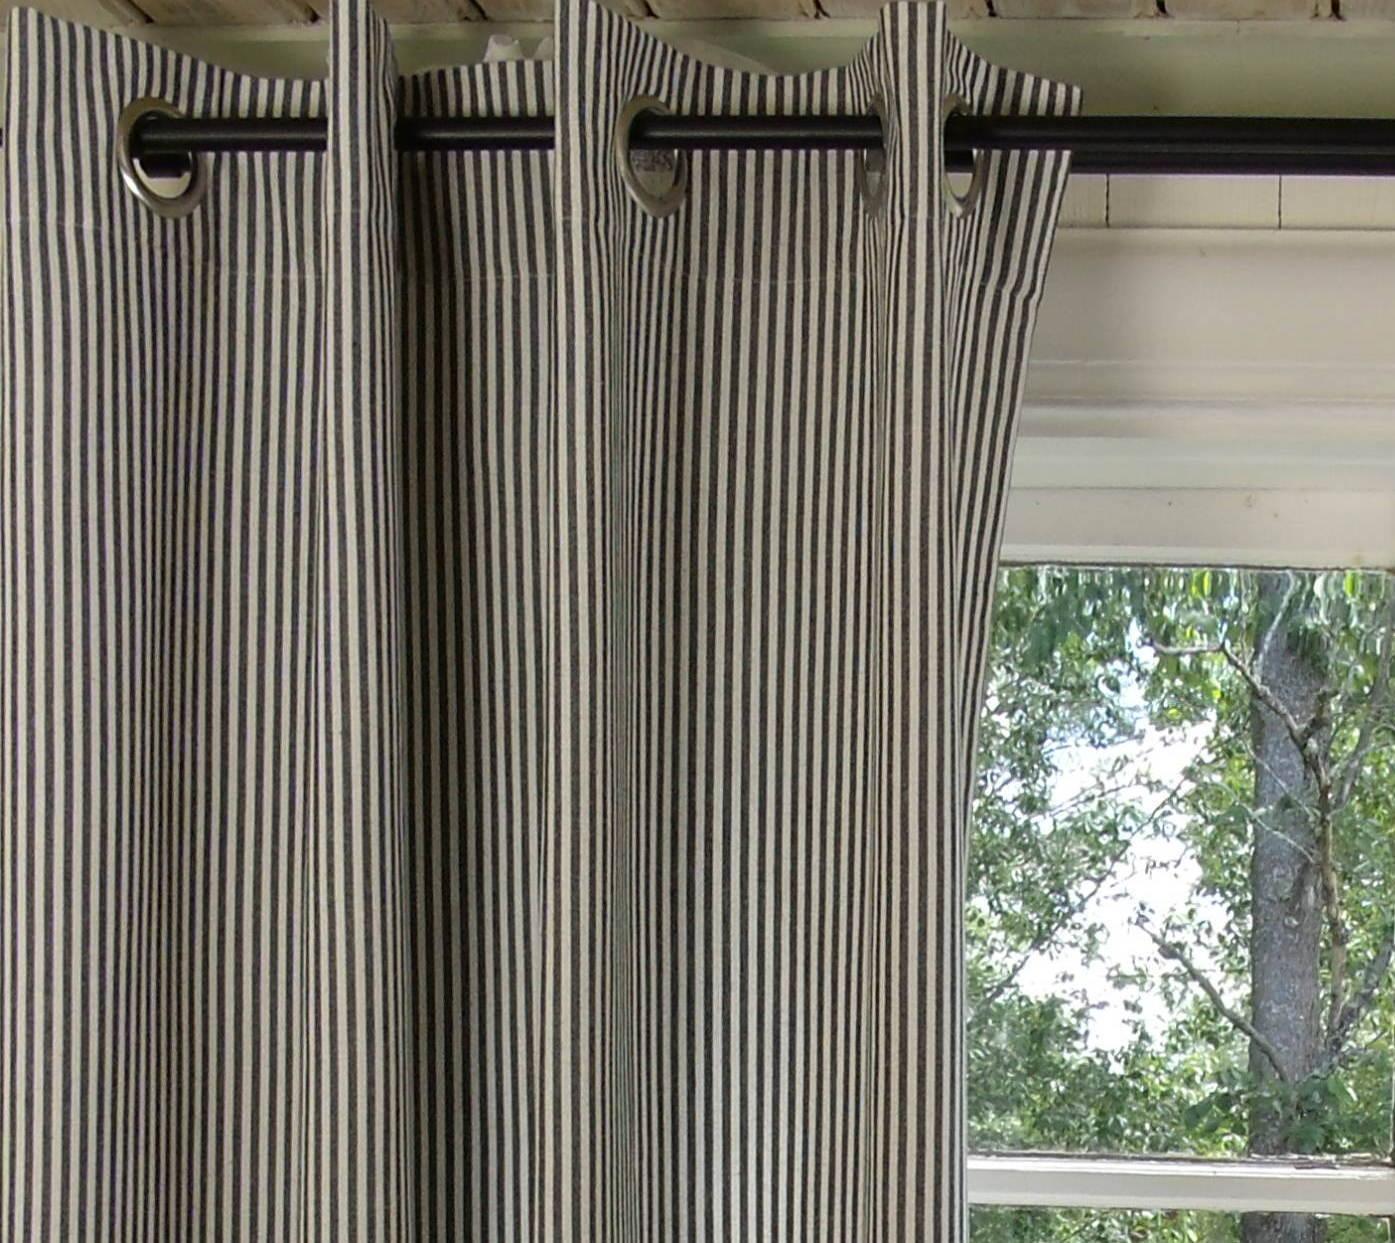 vorhang pamela schwarz gestreift 120x240 cm 2 st ck senschals gardinen vorh nge gardinen. Black Bedroom Furniture Sets. Home Design Ideas